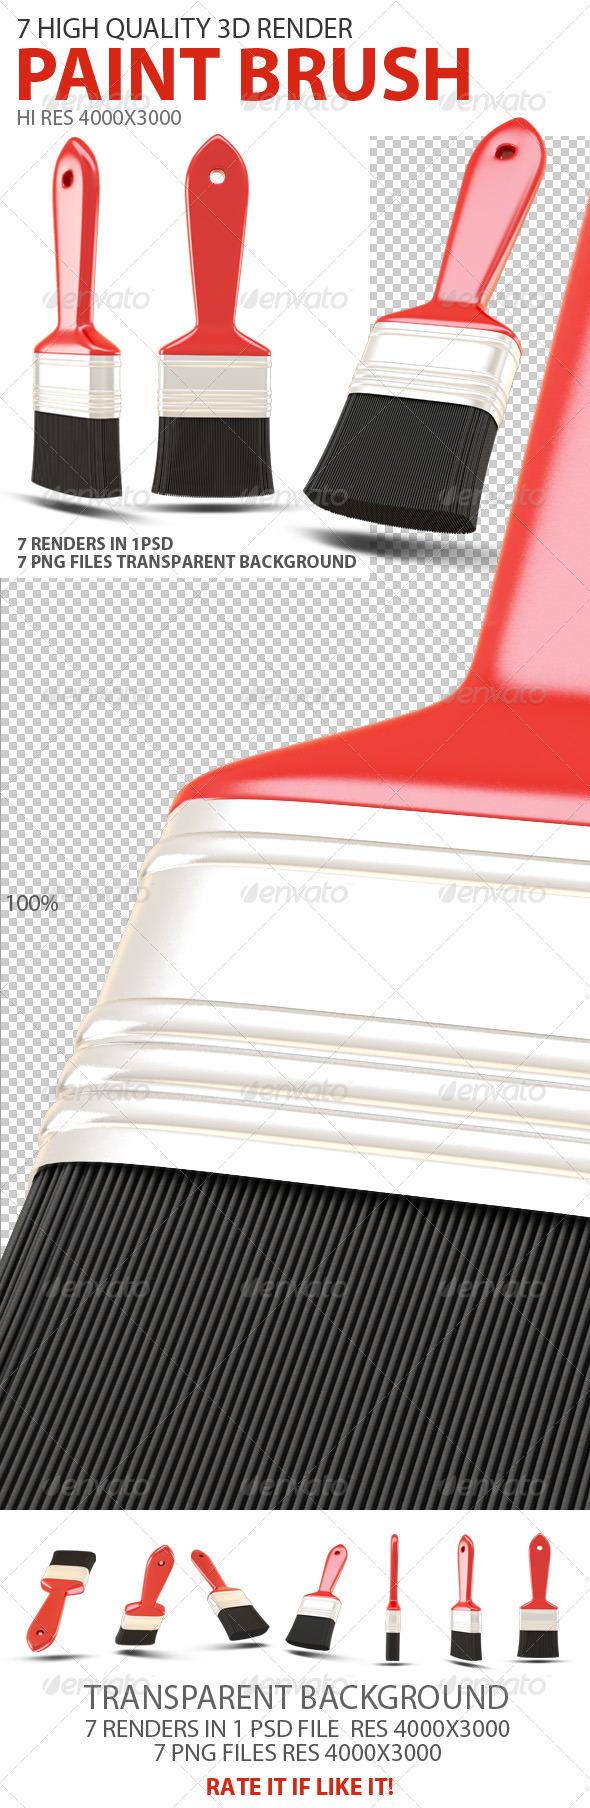 GraphicRiver Paint Brush 3D 7460694